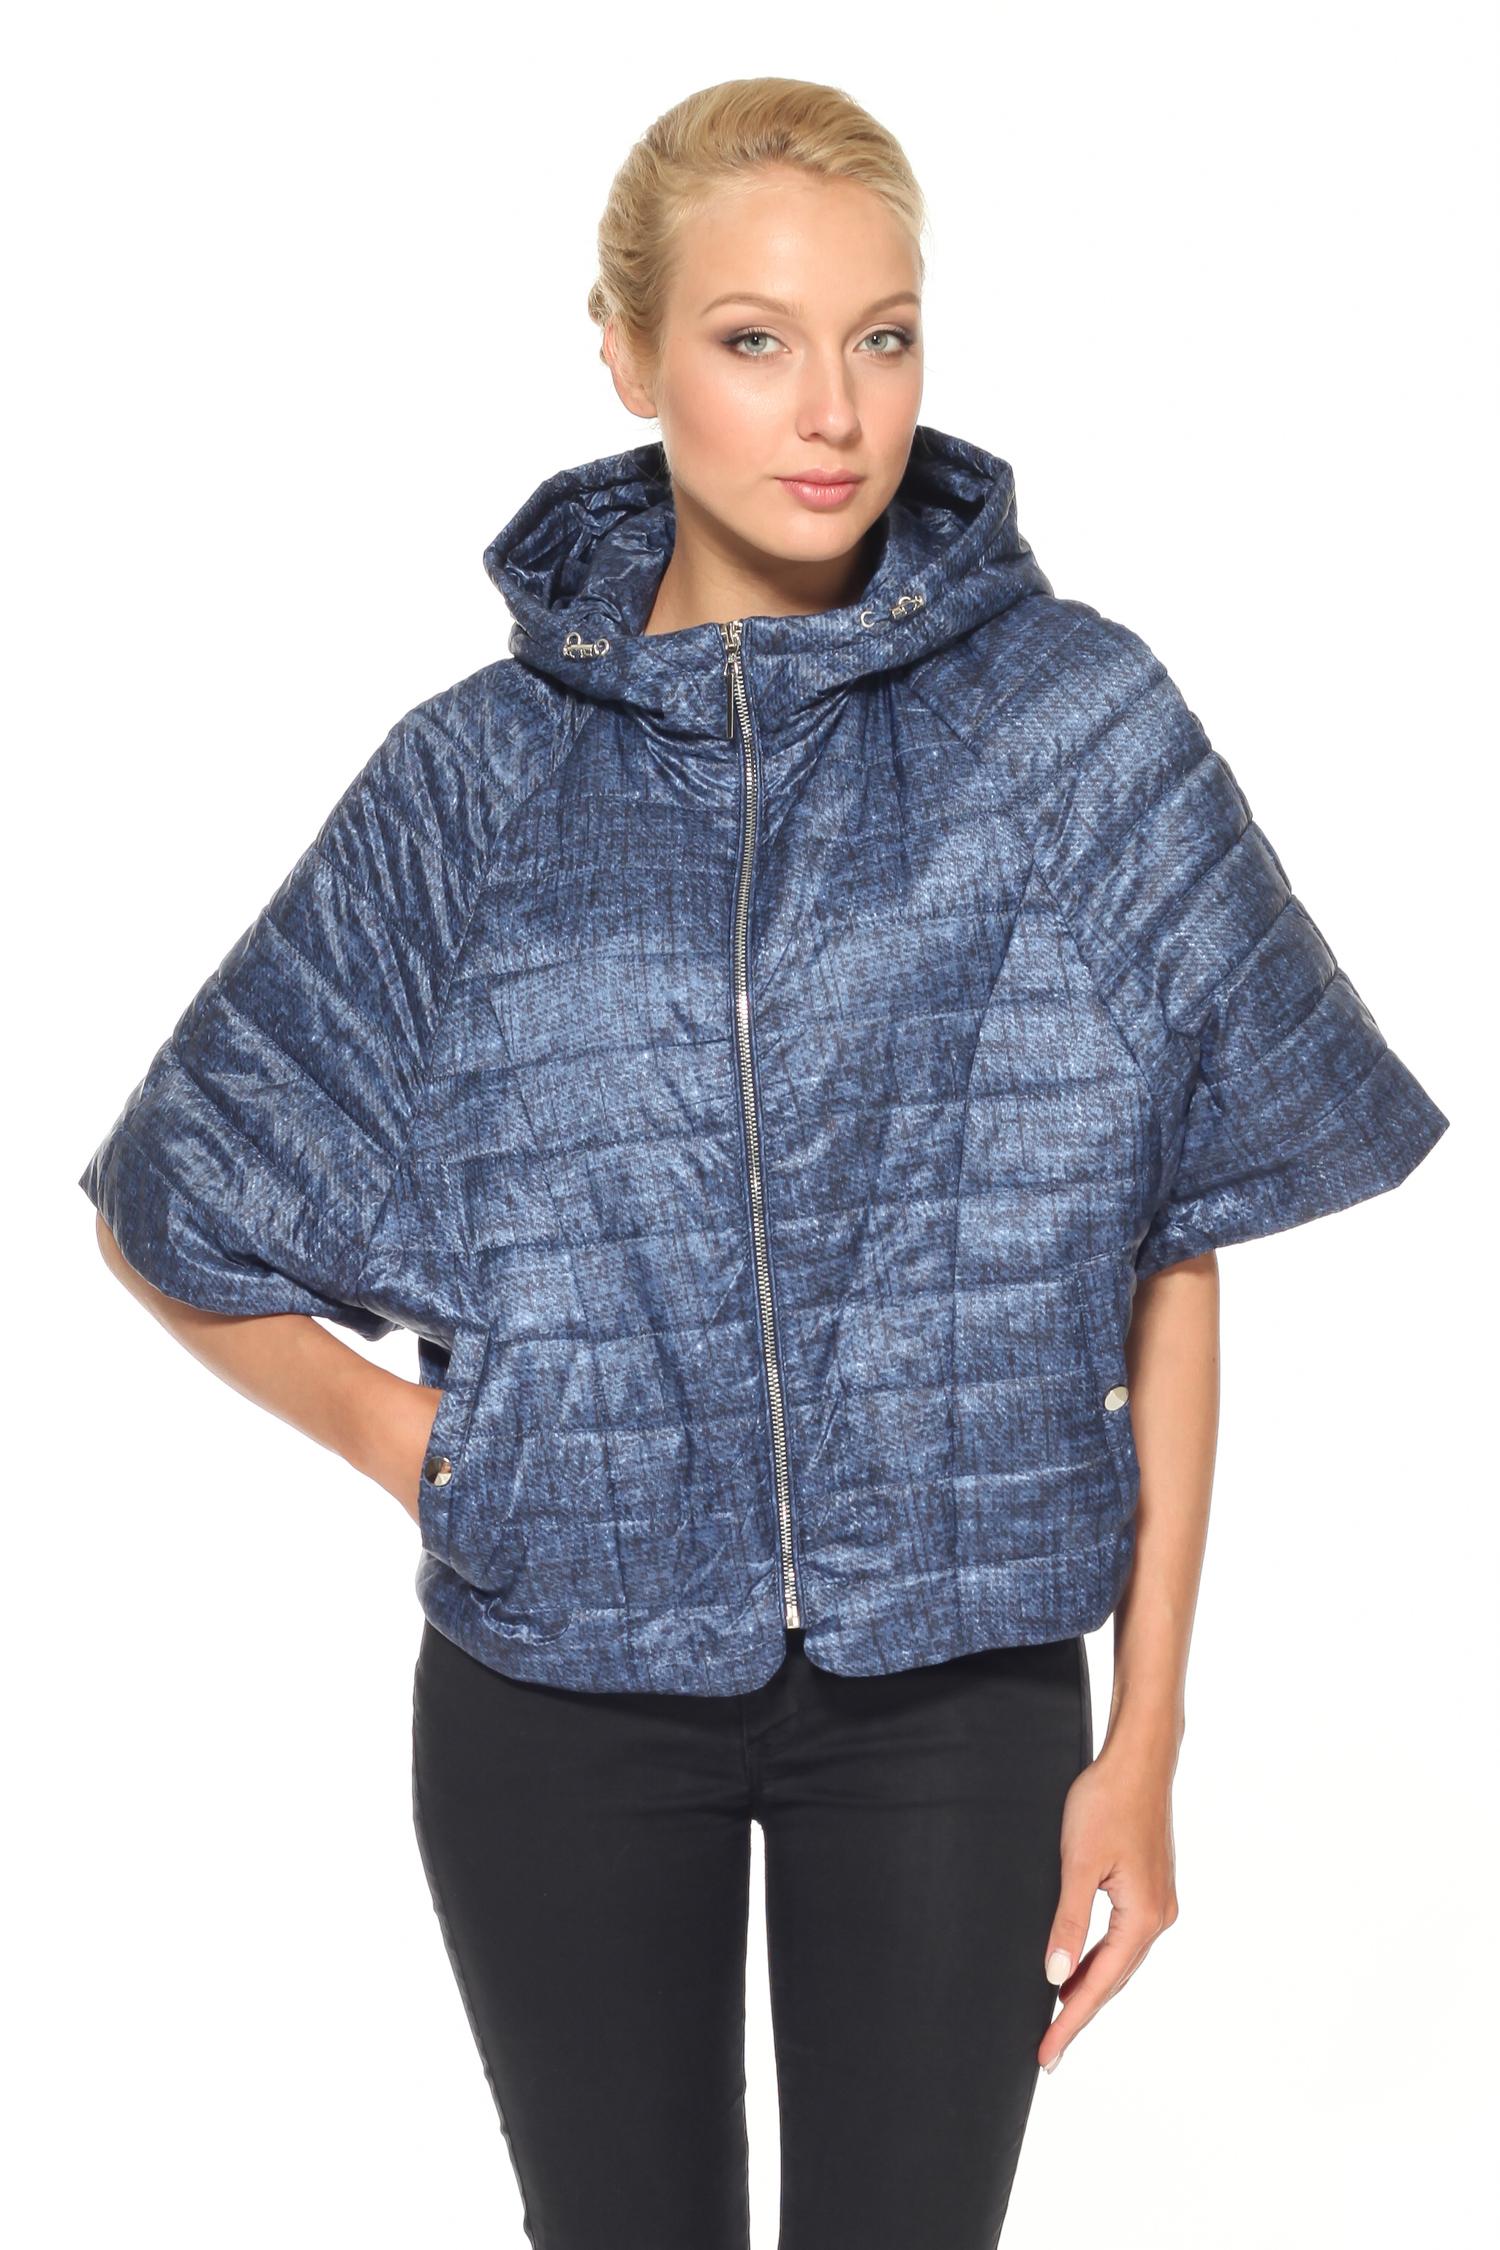 Куртка женская с капюшоном, без отделки